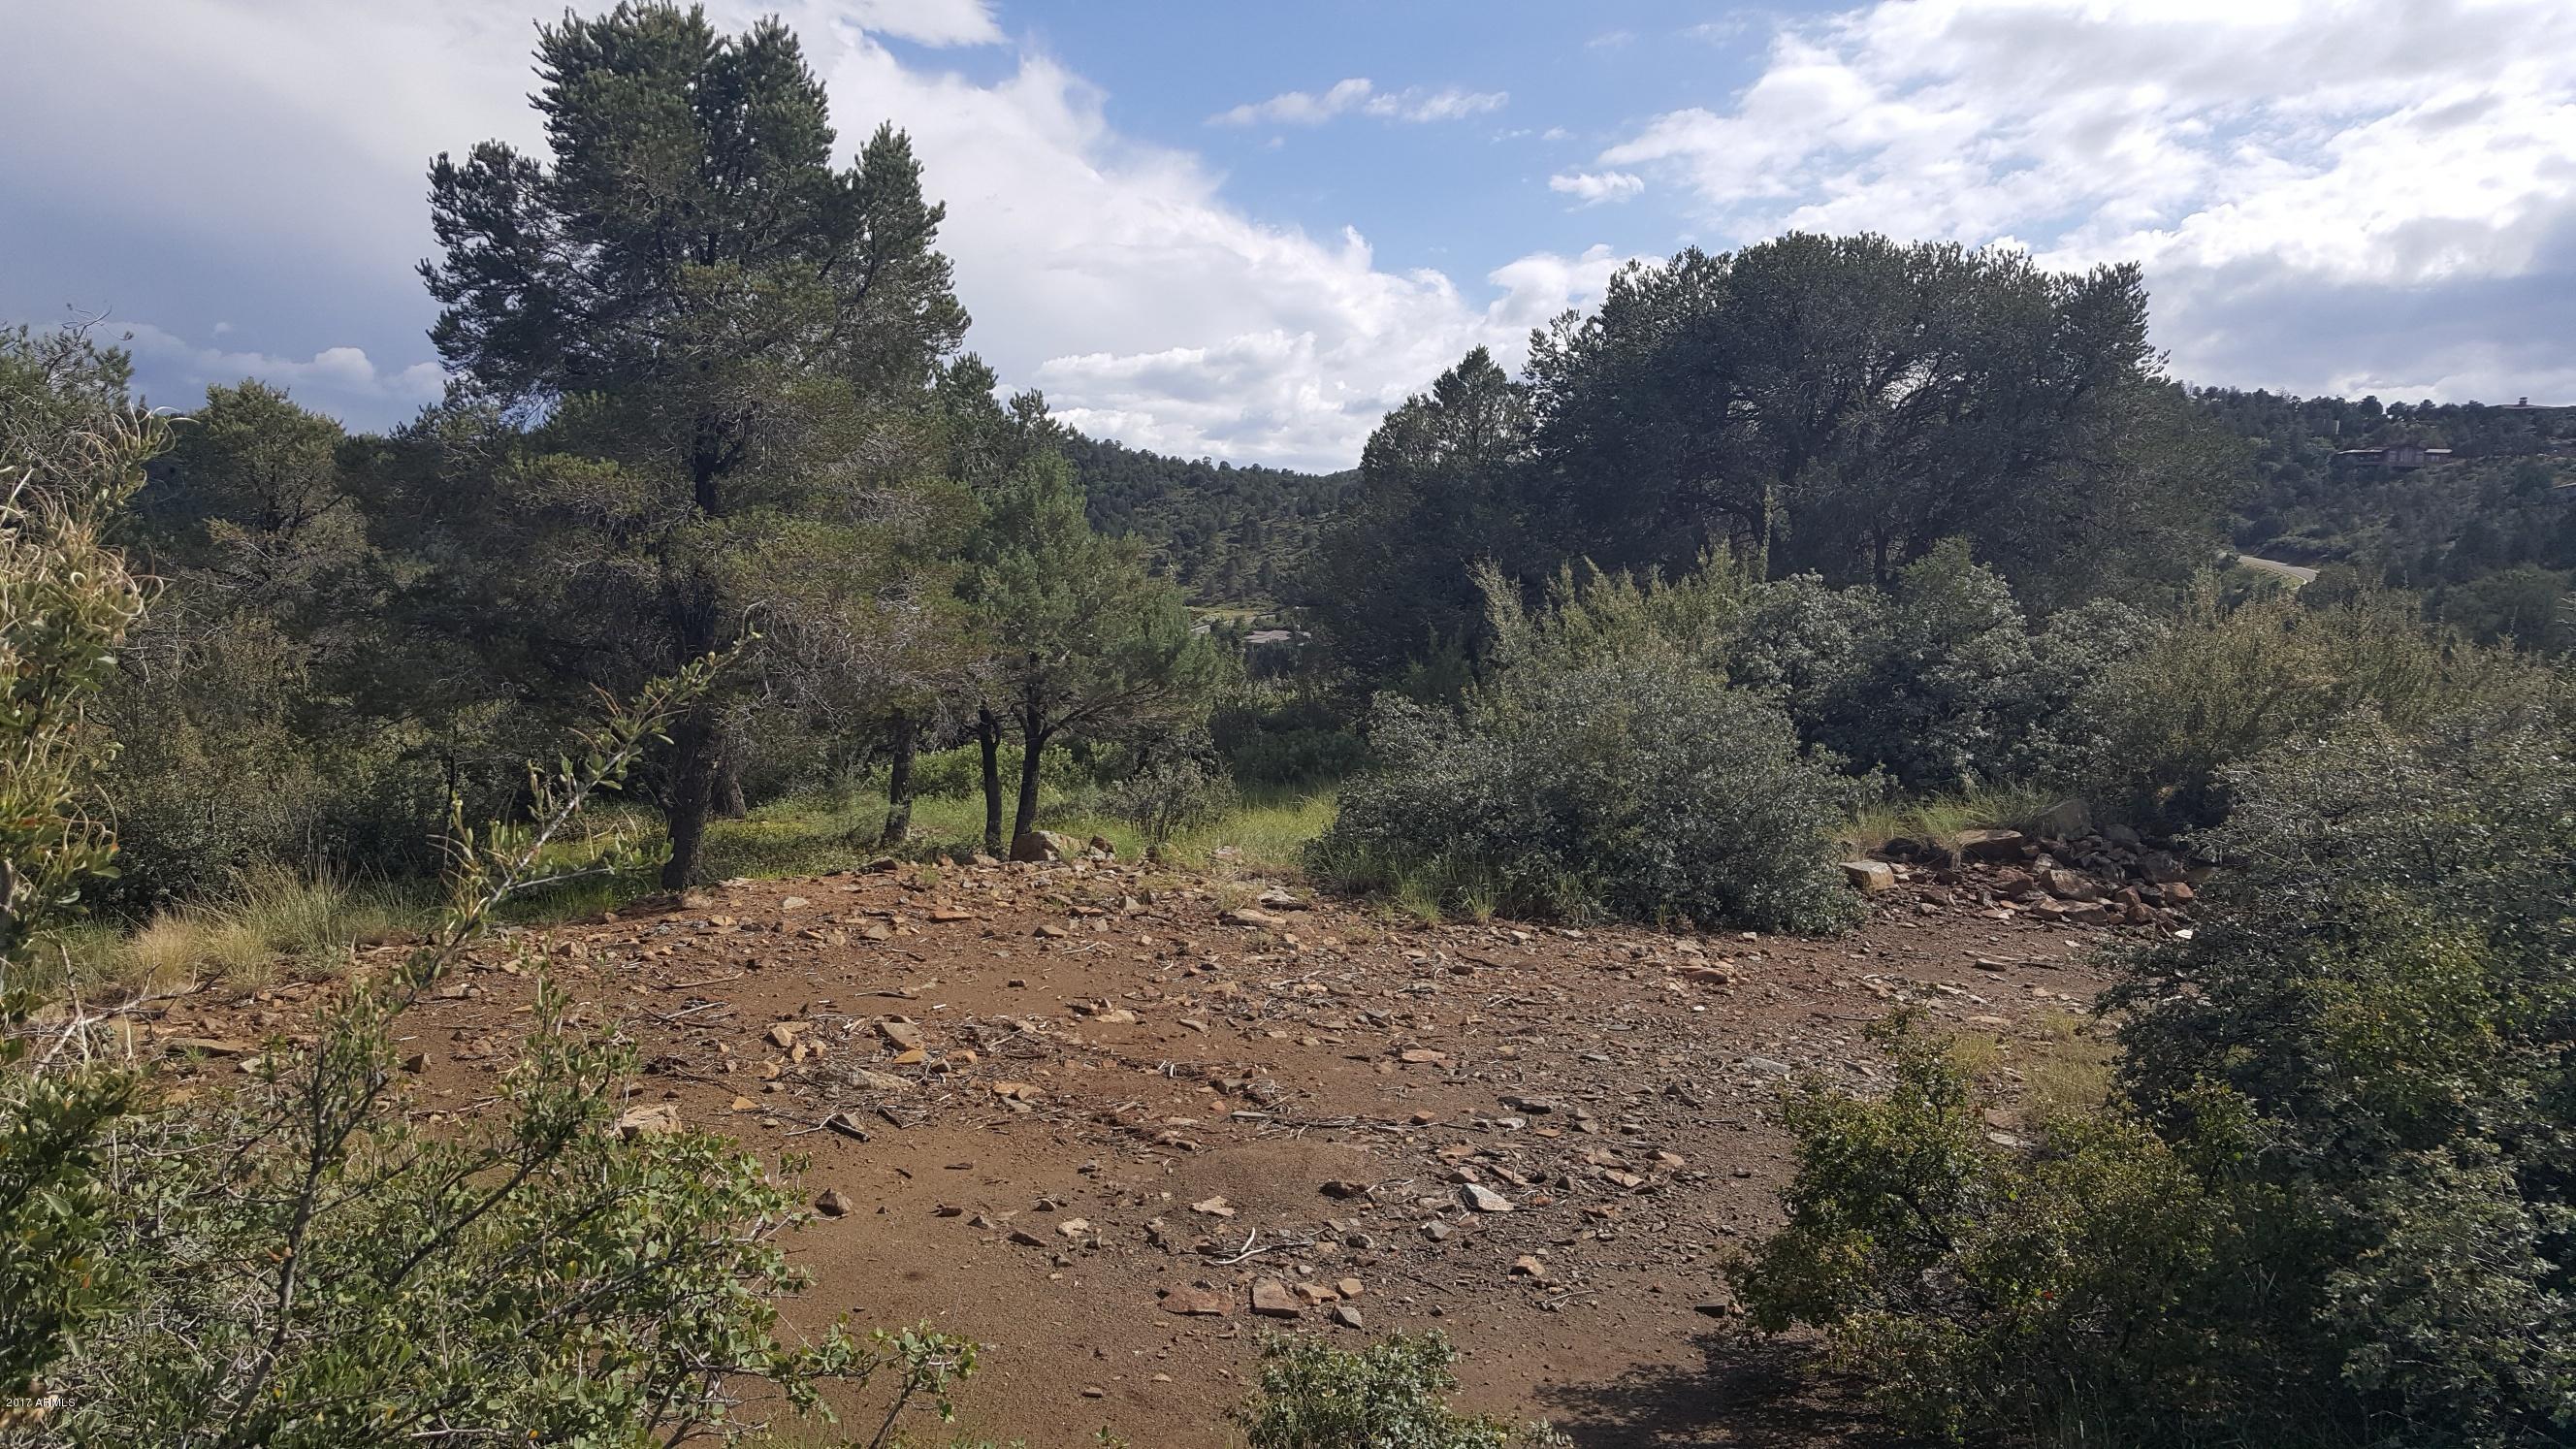 568 SANDPIPER Drive # 799, Prescott, Arizona 86303, ,Land,For Sale,568 SANDPIPER Drive # 799,5650473